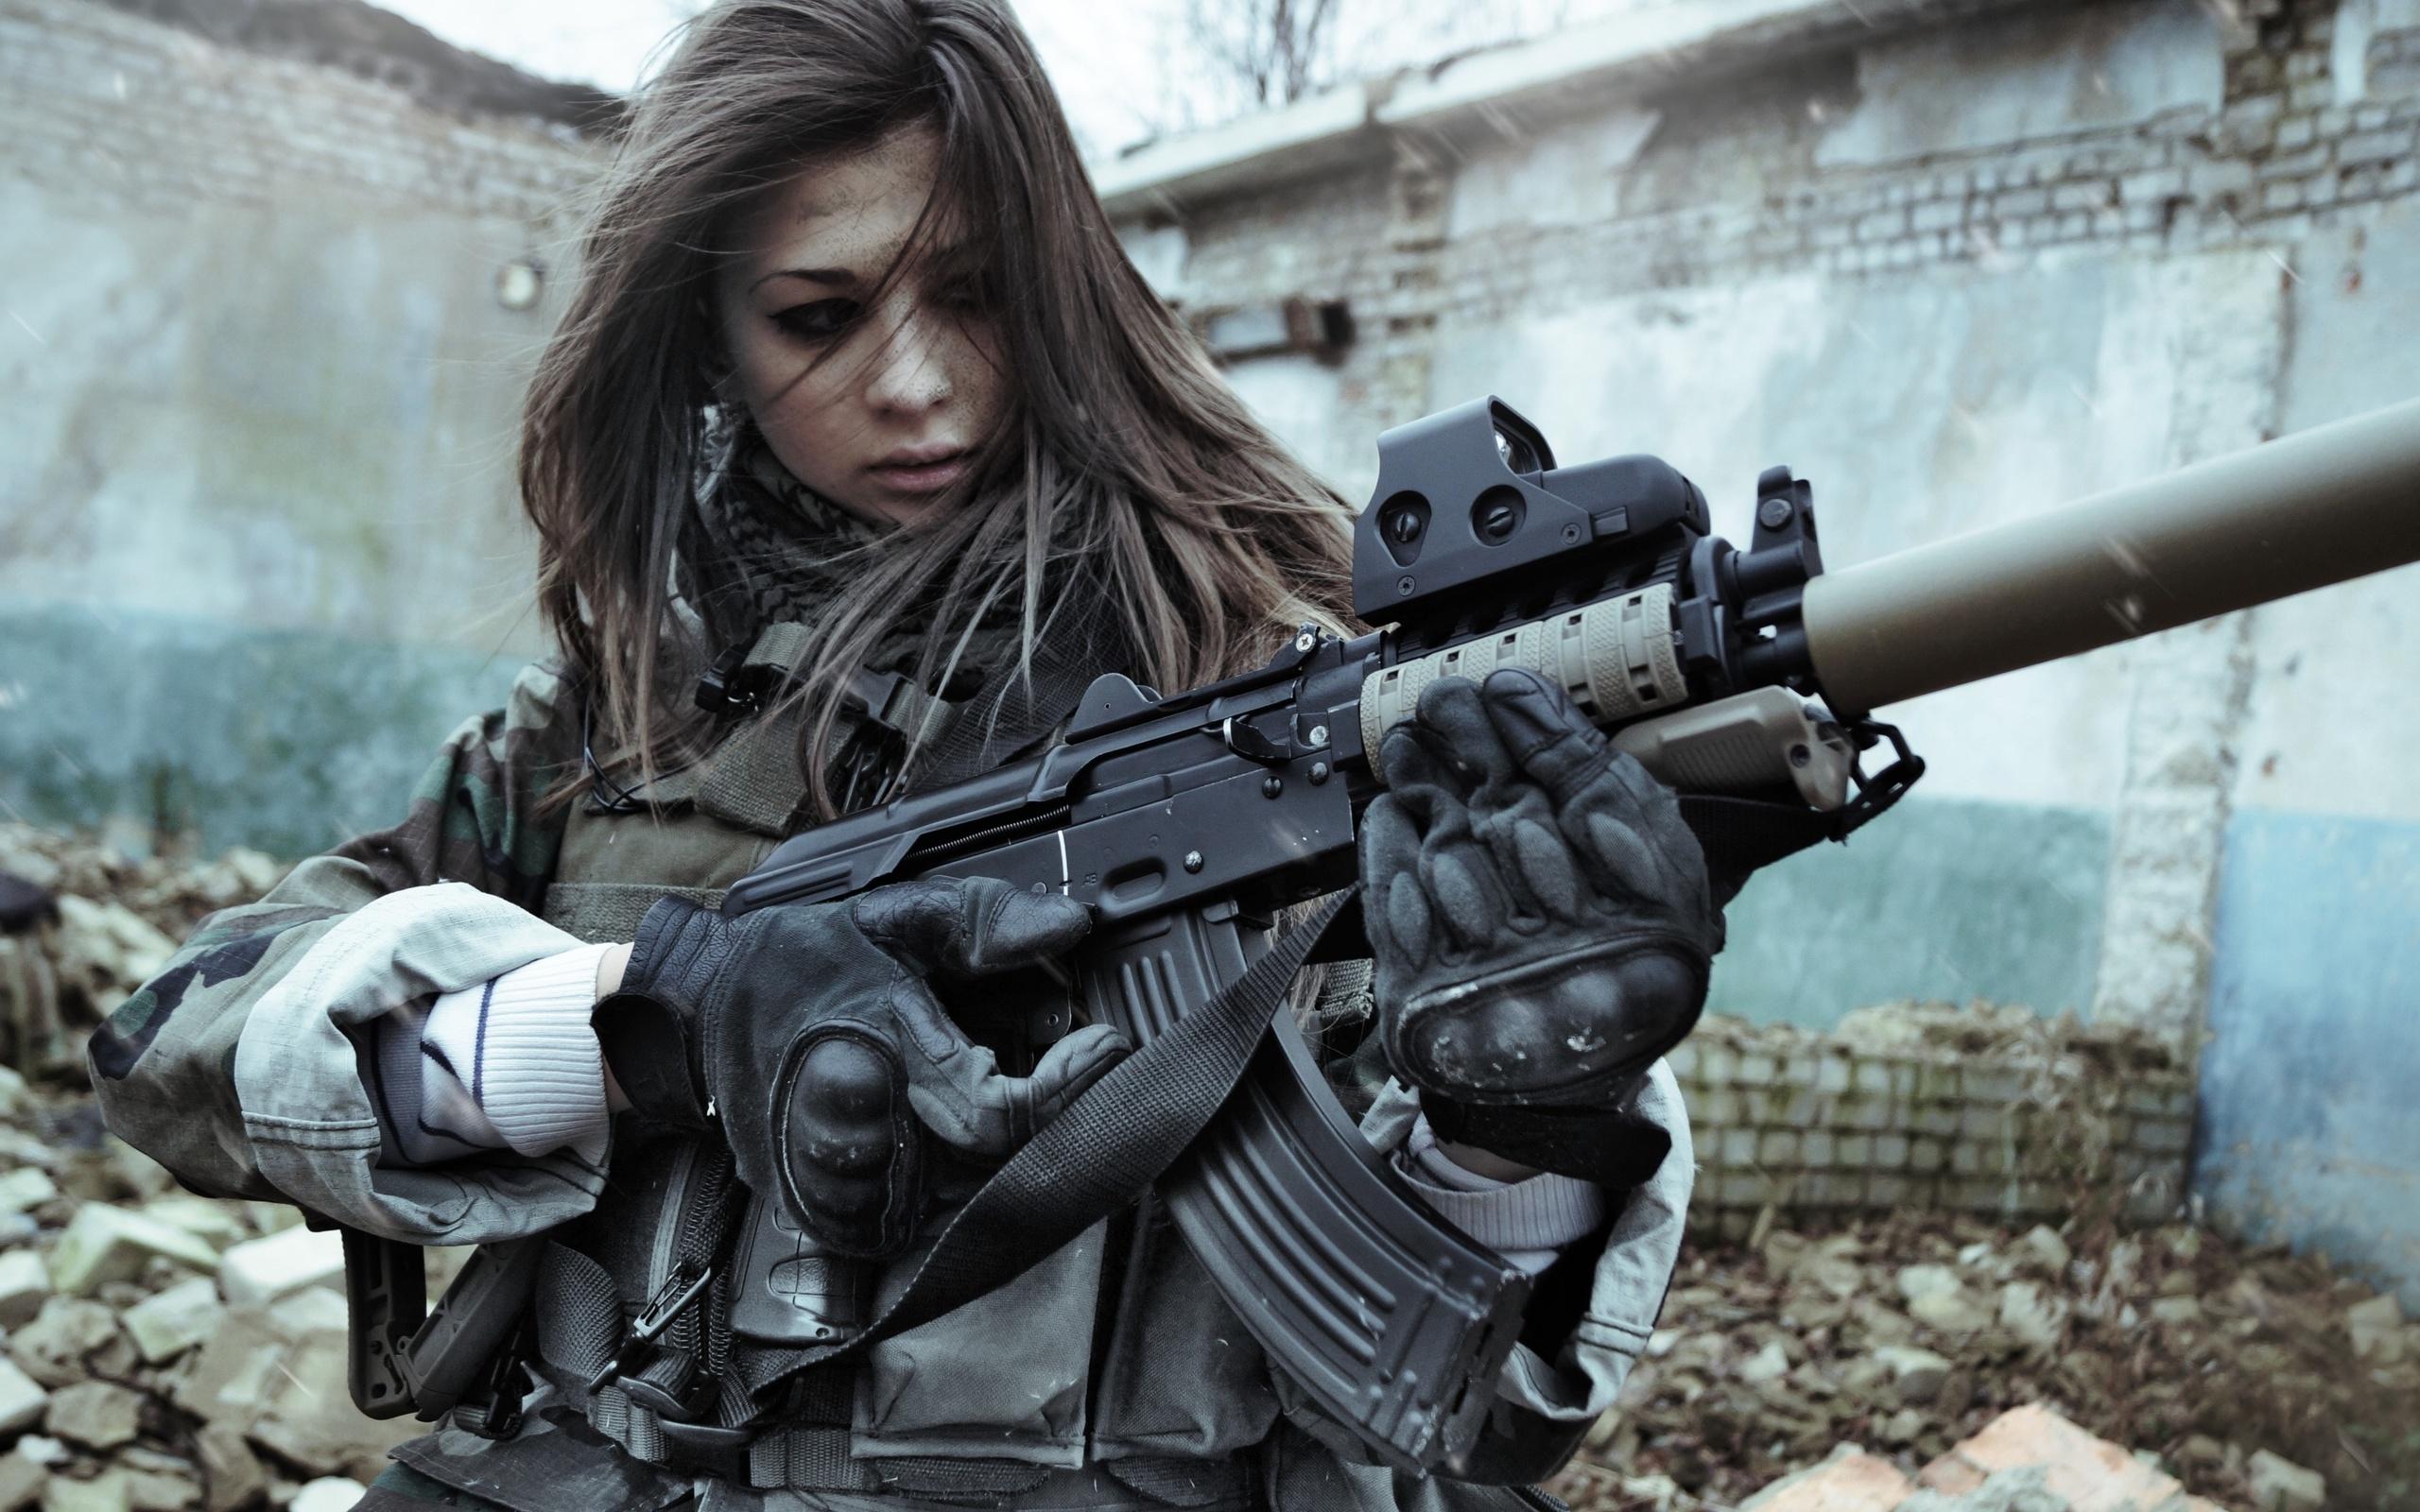 Картинки нового, картинки прикольных оружий